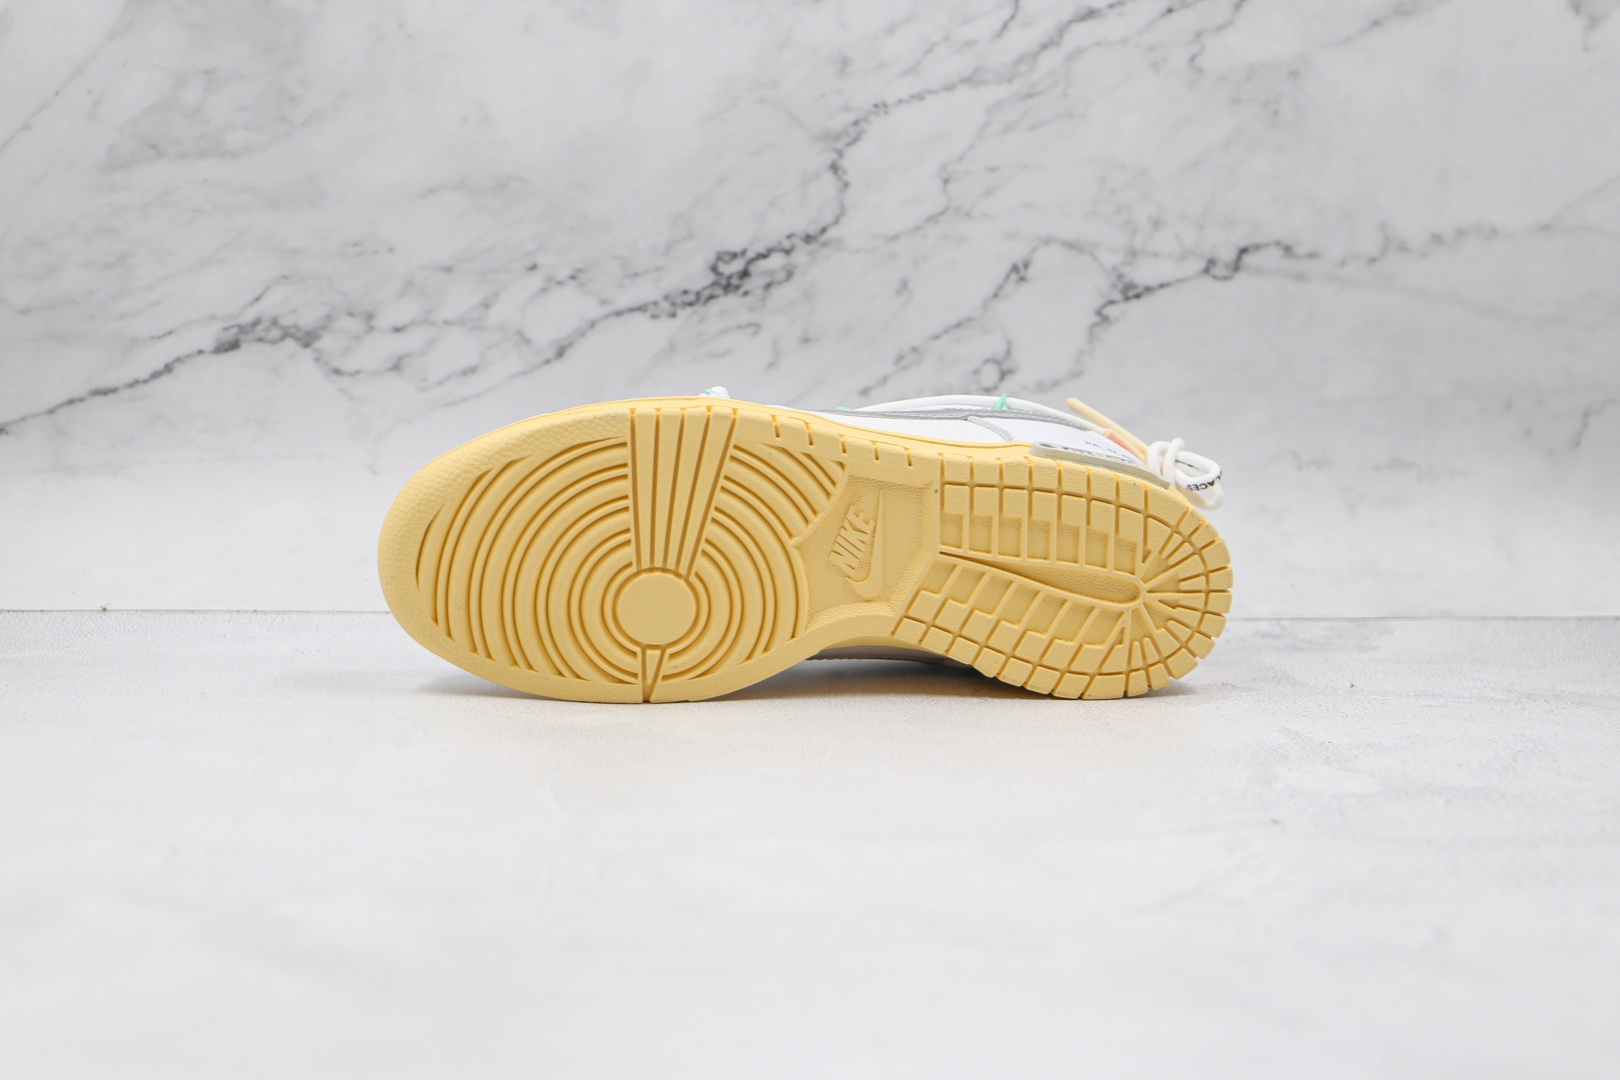 耐克Nike SB DUNK x OFF-WHITE联名款纯原版本低帮SB DUNK白银色板鞋原盒原标 货号:DM1602-127